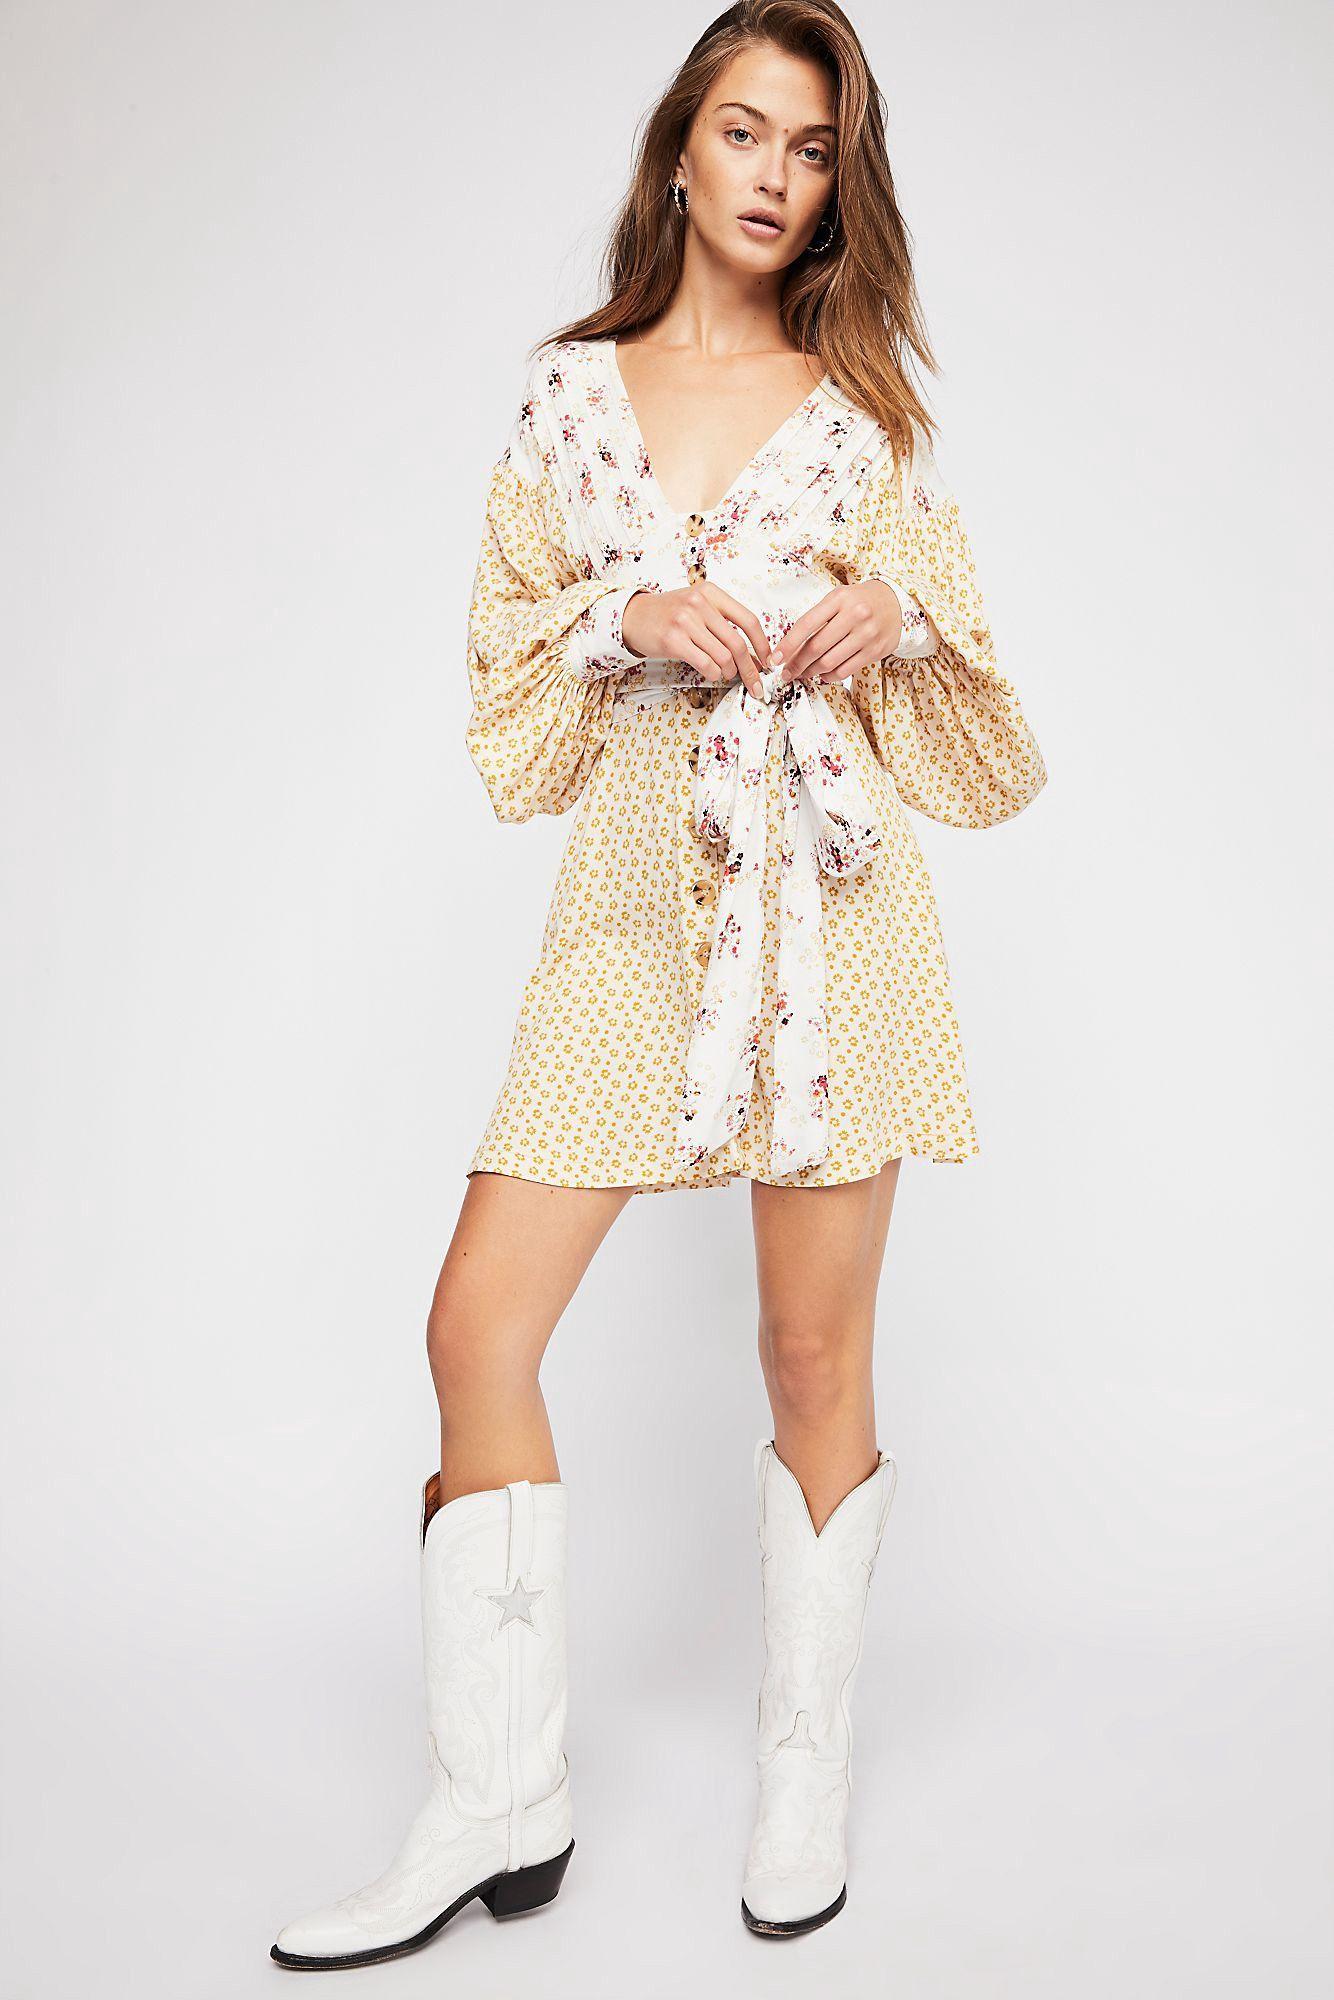 e0a00881b63e Free People Wonderland Mini Dress - Black Combo Xs | Products ...